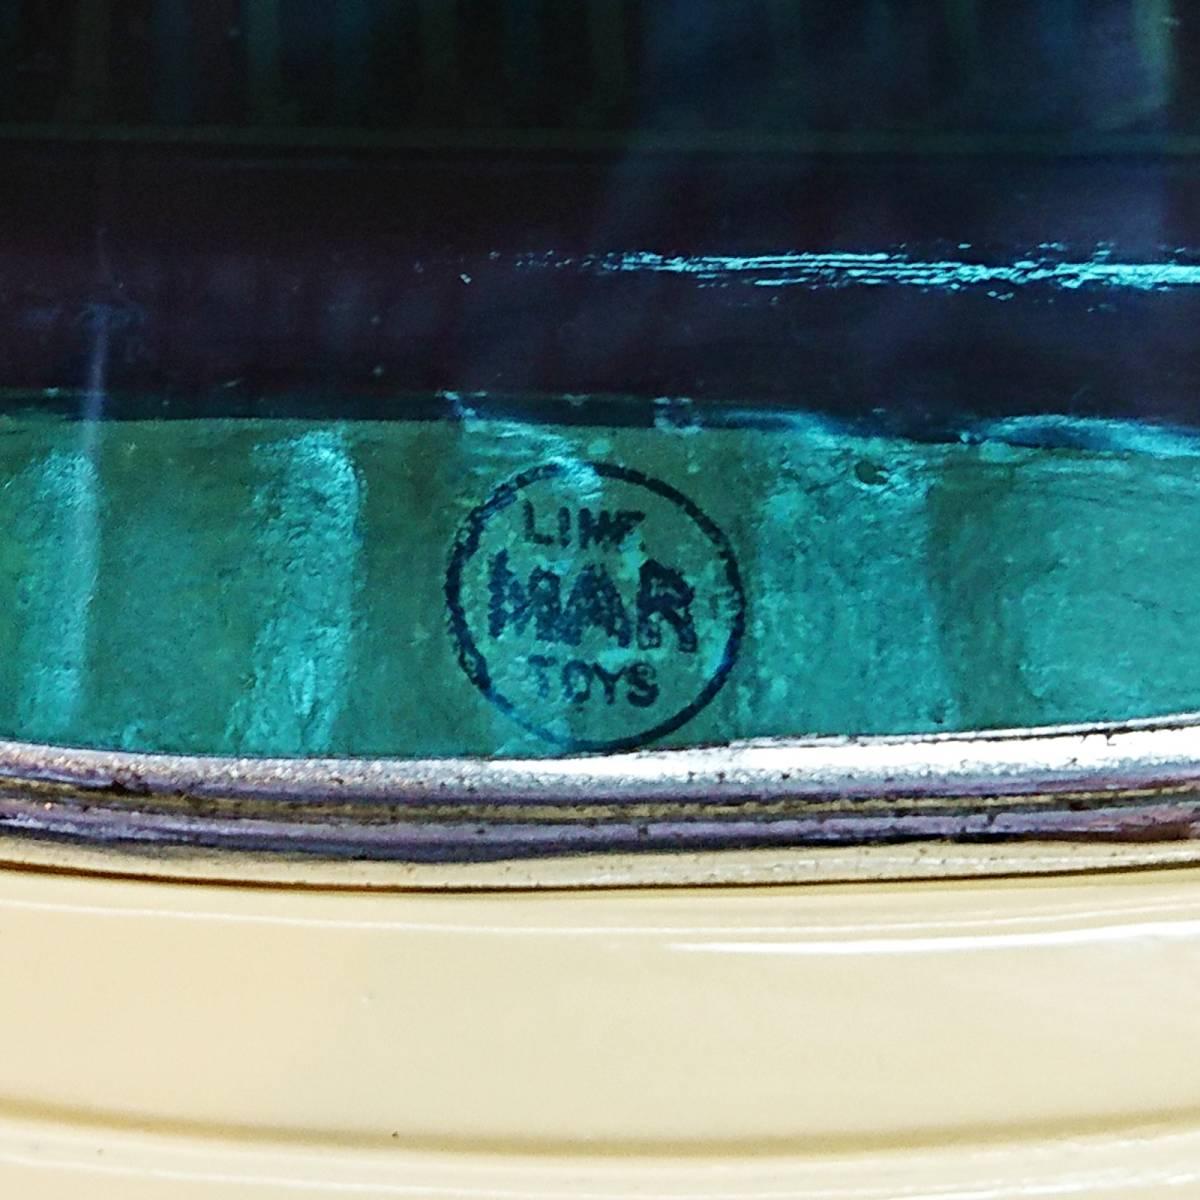 超希少ブリキ! ラインマー シボレー 世界に1つのツートンカラー Linemar Chevrolet マルサン/コスゲ製 リペイント 自動車 ビンテージ _画像10